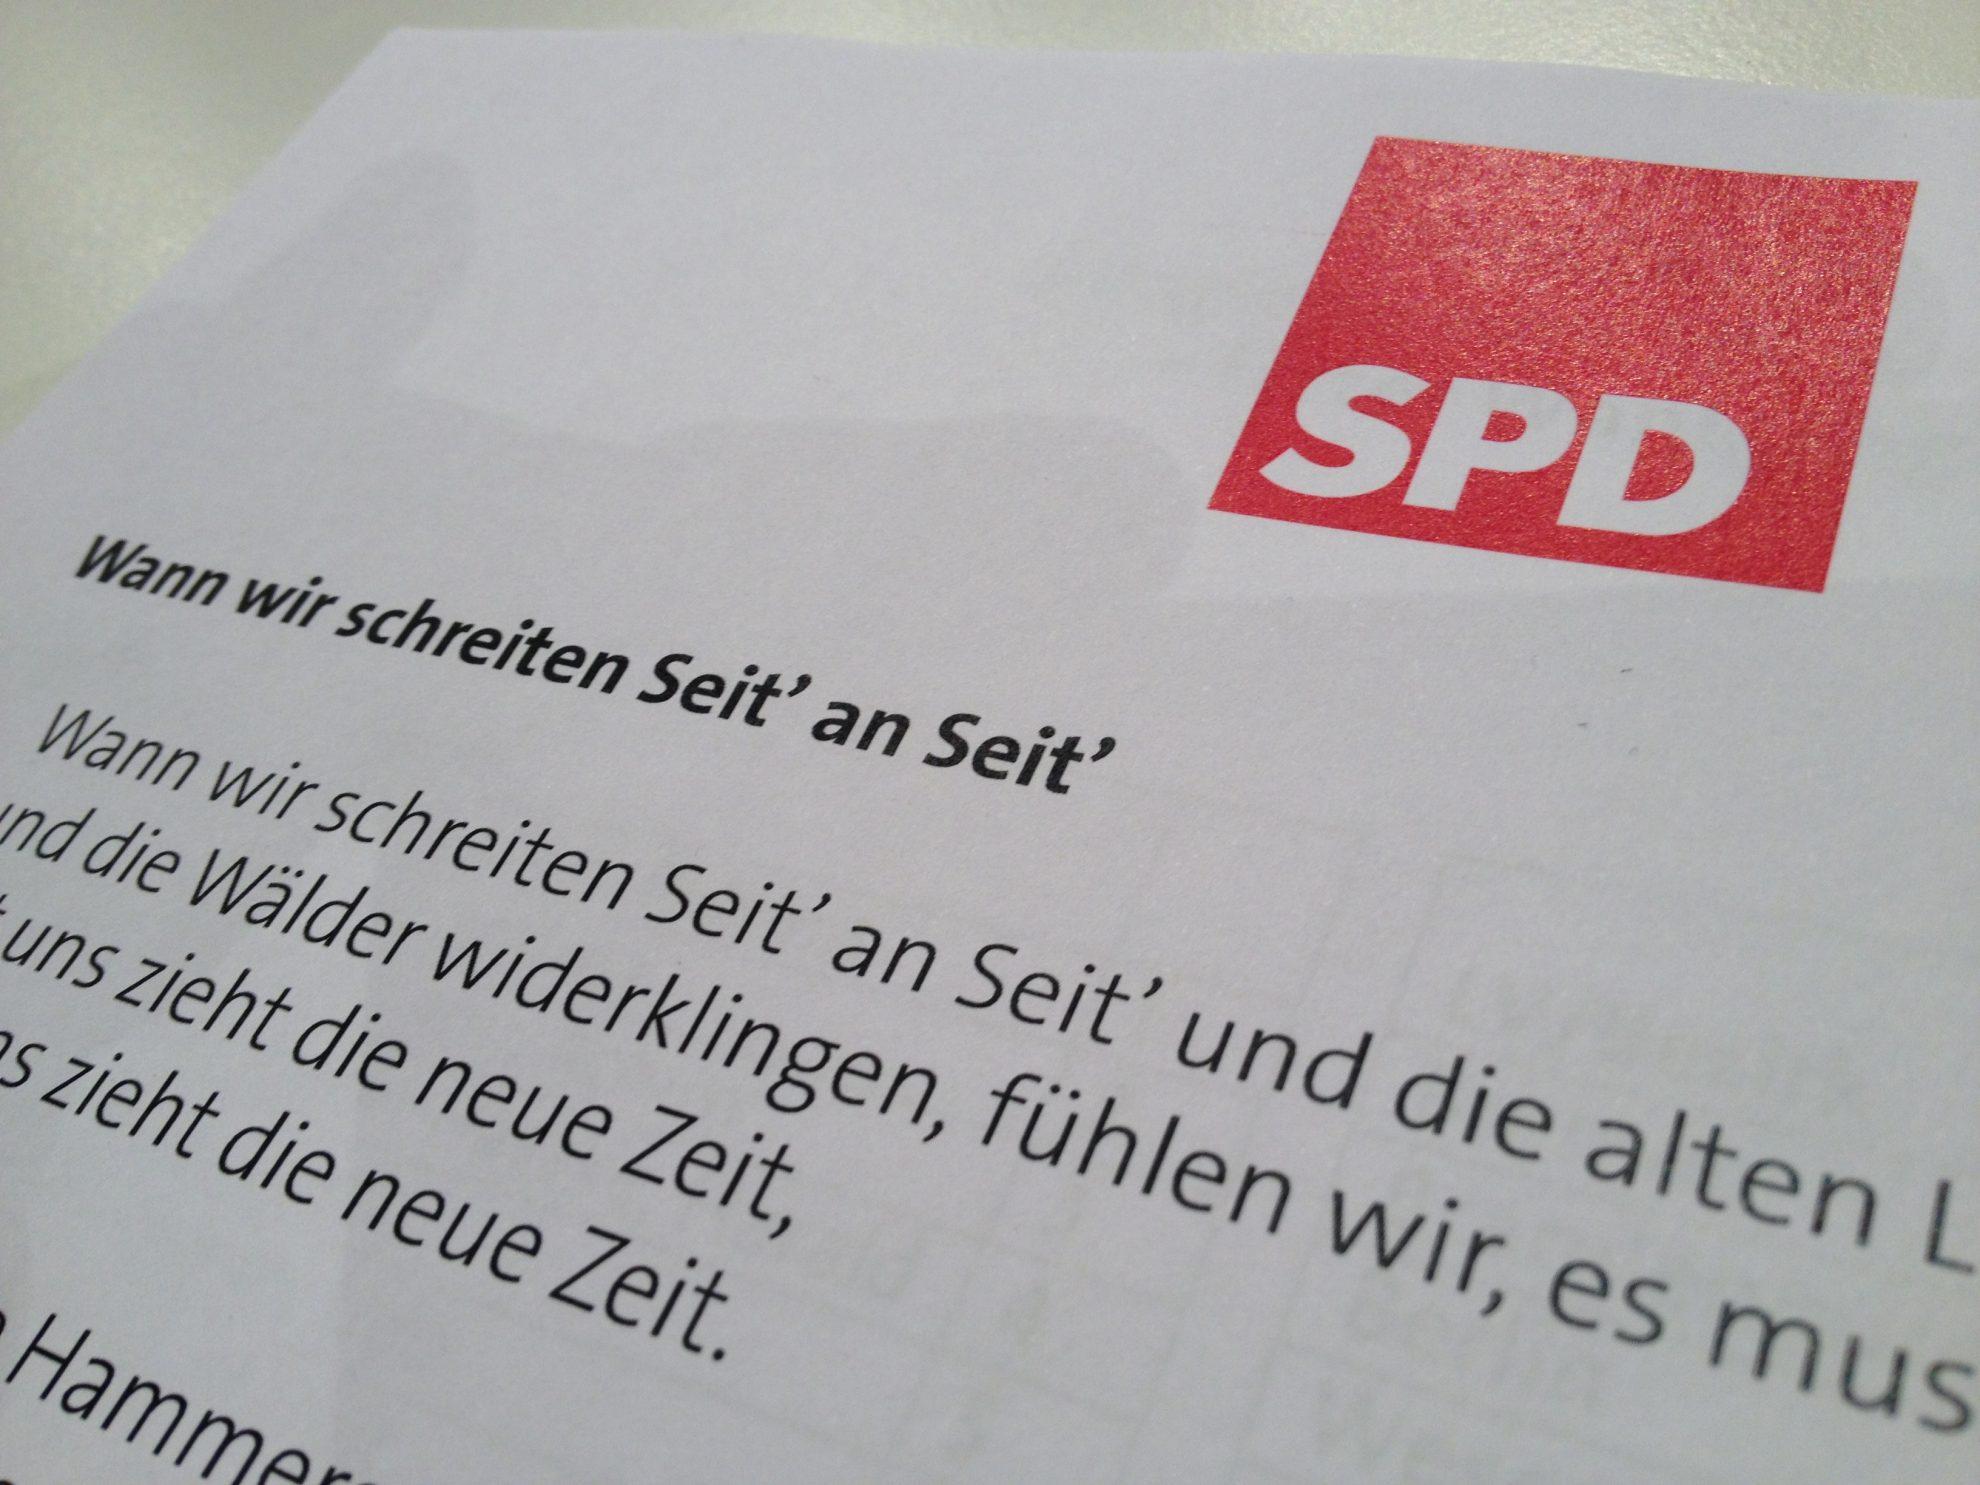 wir schreiten seit an seit spd › NRWSPD